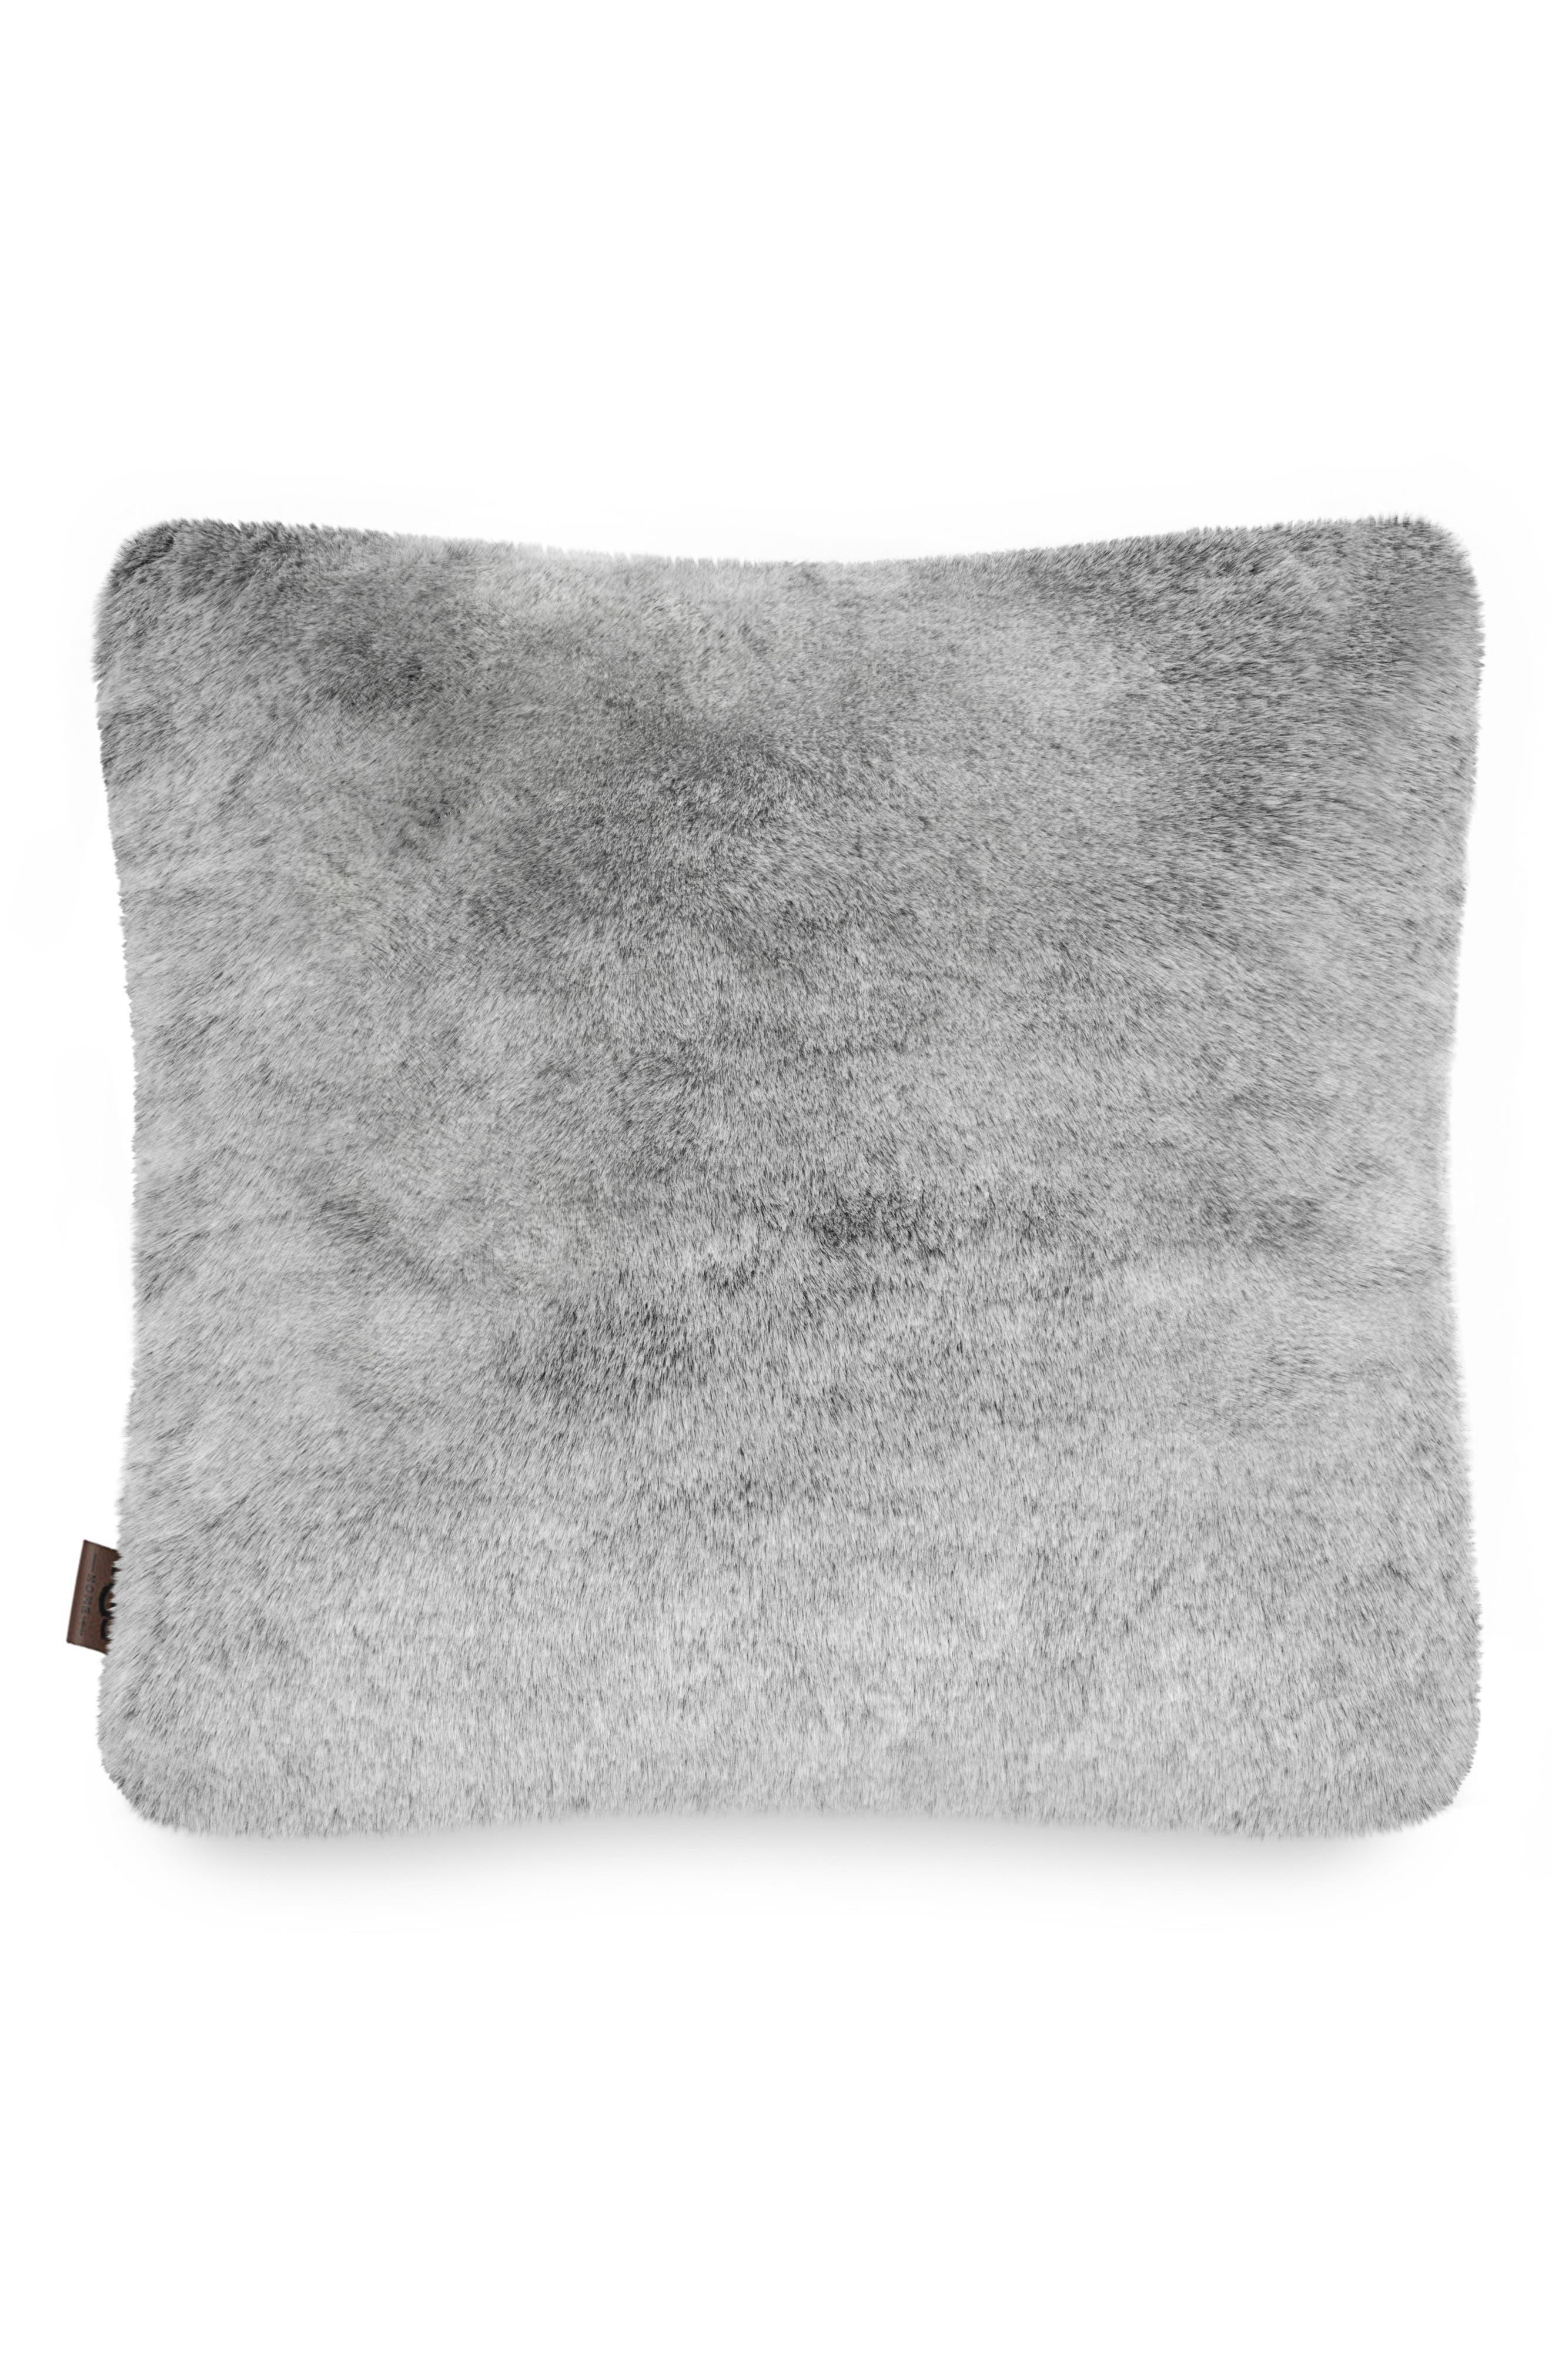 Dream Faux Fur Pillow,                             Main thumbnail 1, color,                             021